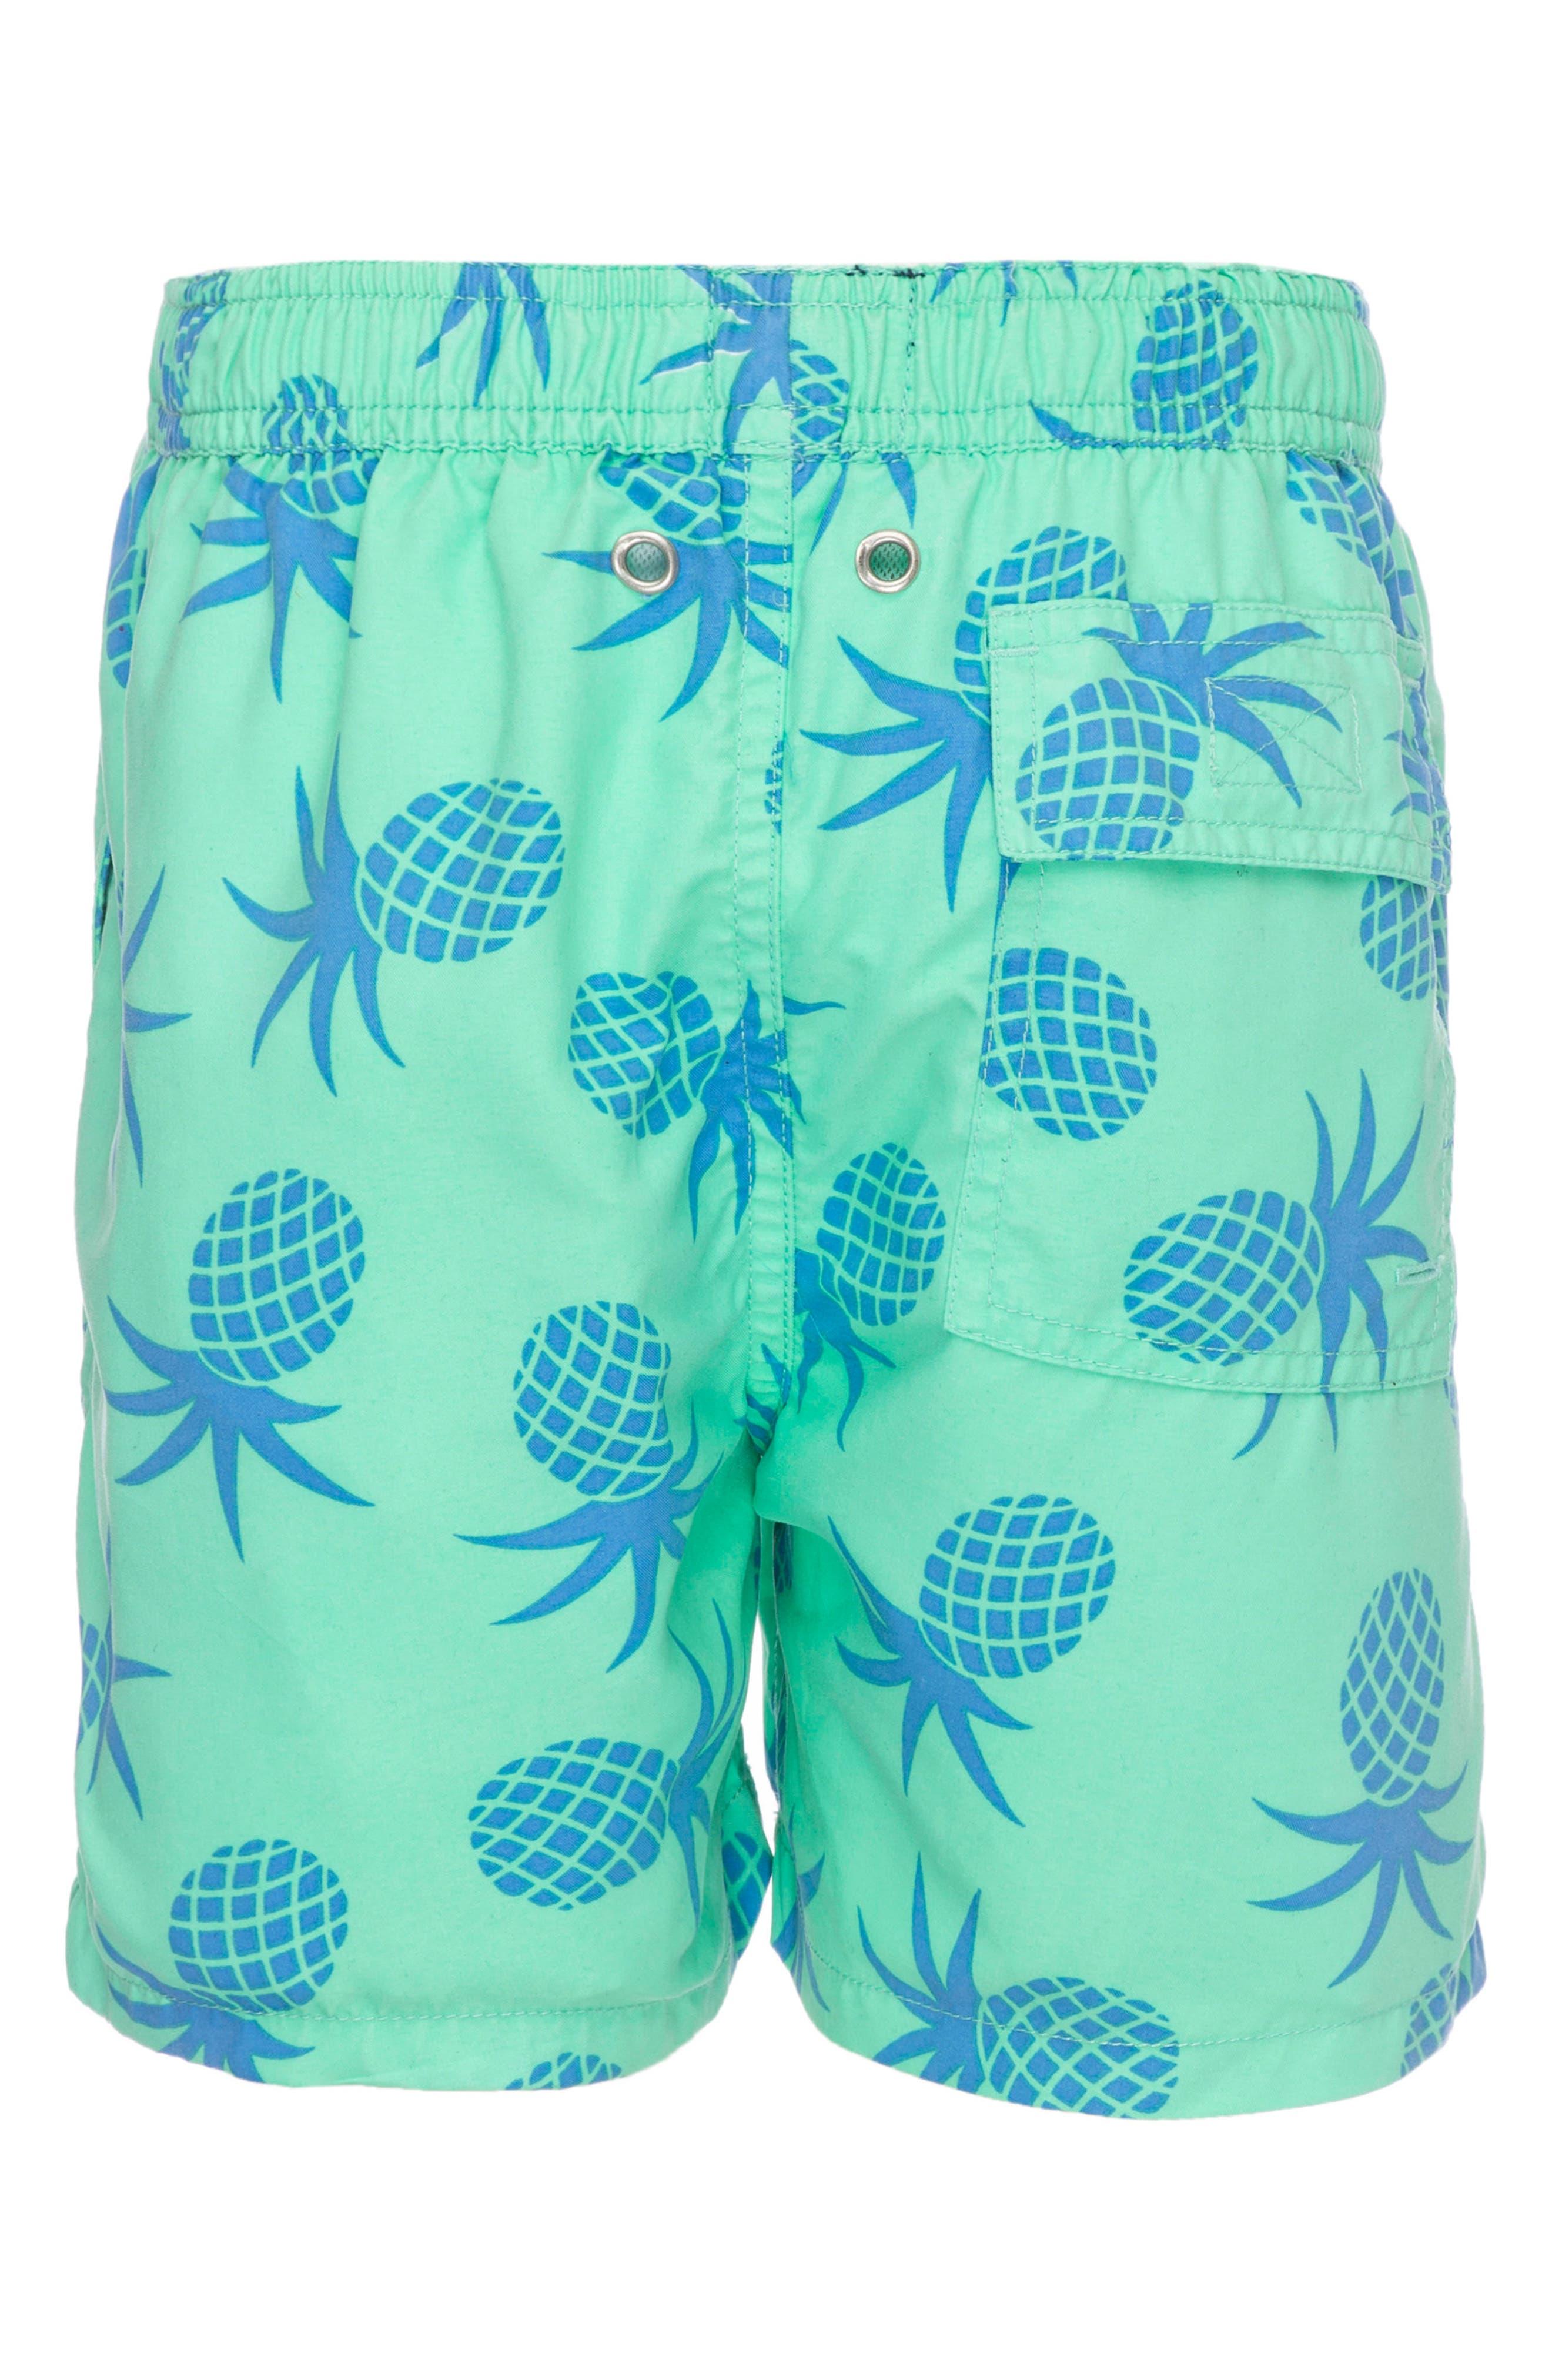 Alternate Image 3  - Tom & Teddy Pineapple Swim Trunks (Toddler Boys, Little Boys & Big Boys)